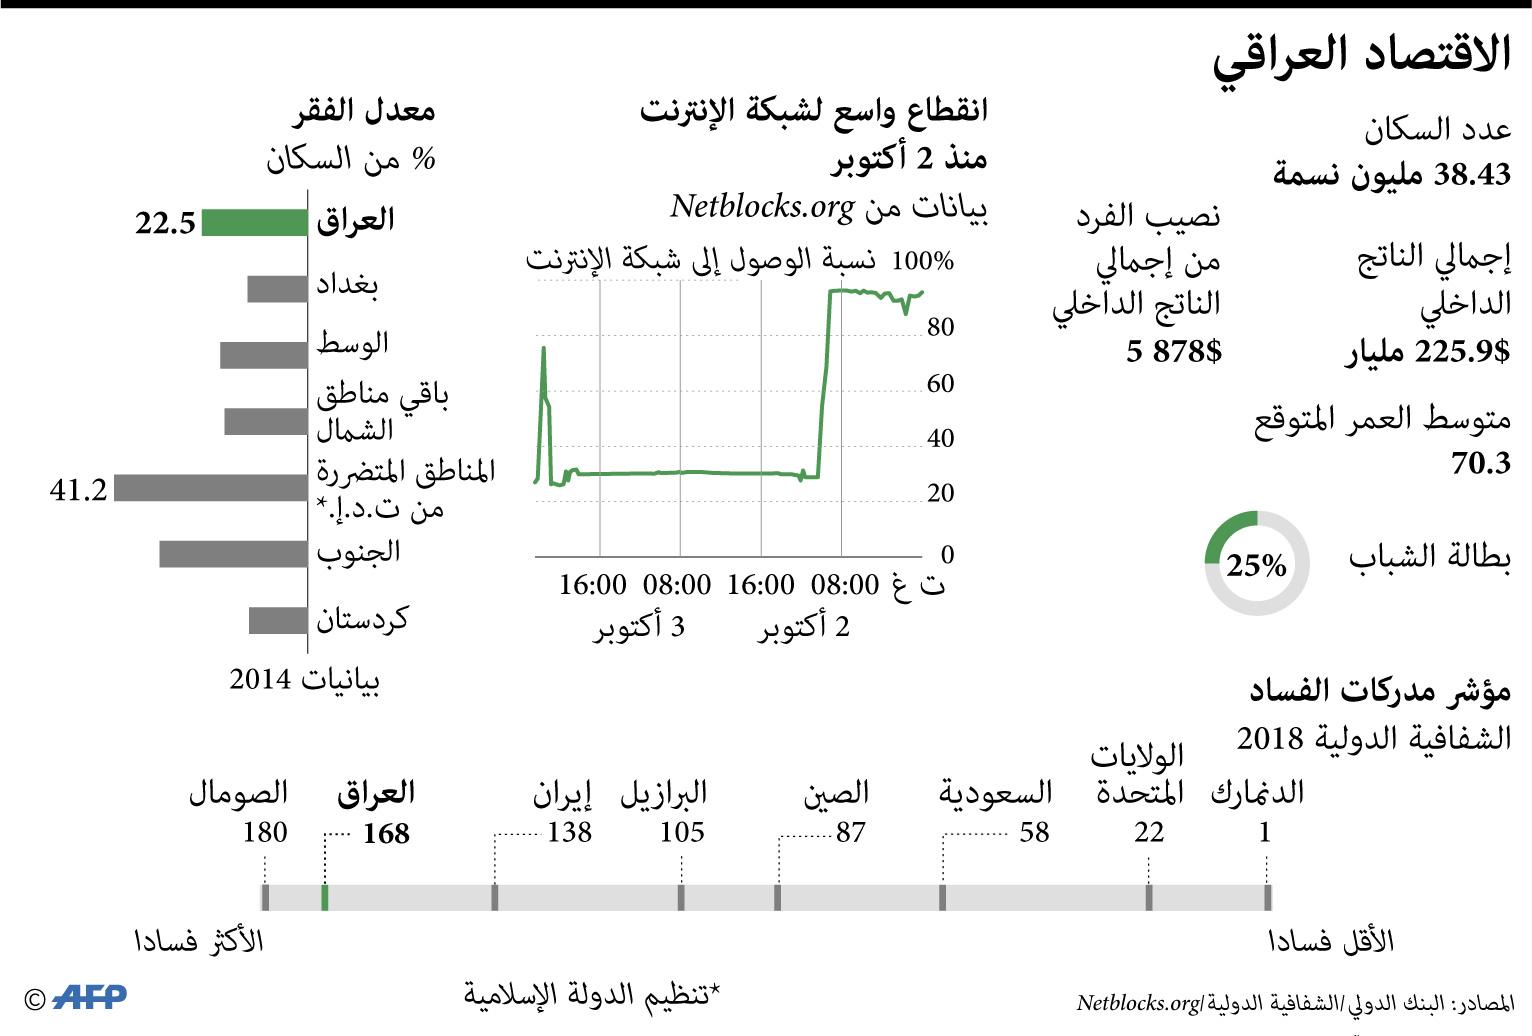 الاقتصاد العراقي سيتضرر بشكل كبير في حال فرض عقوبات أميركية